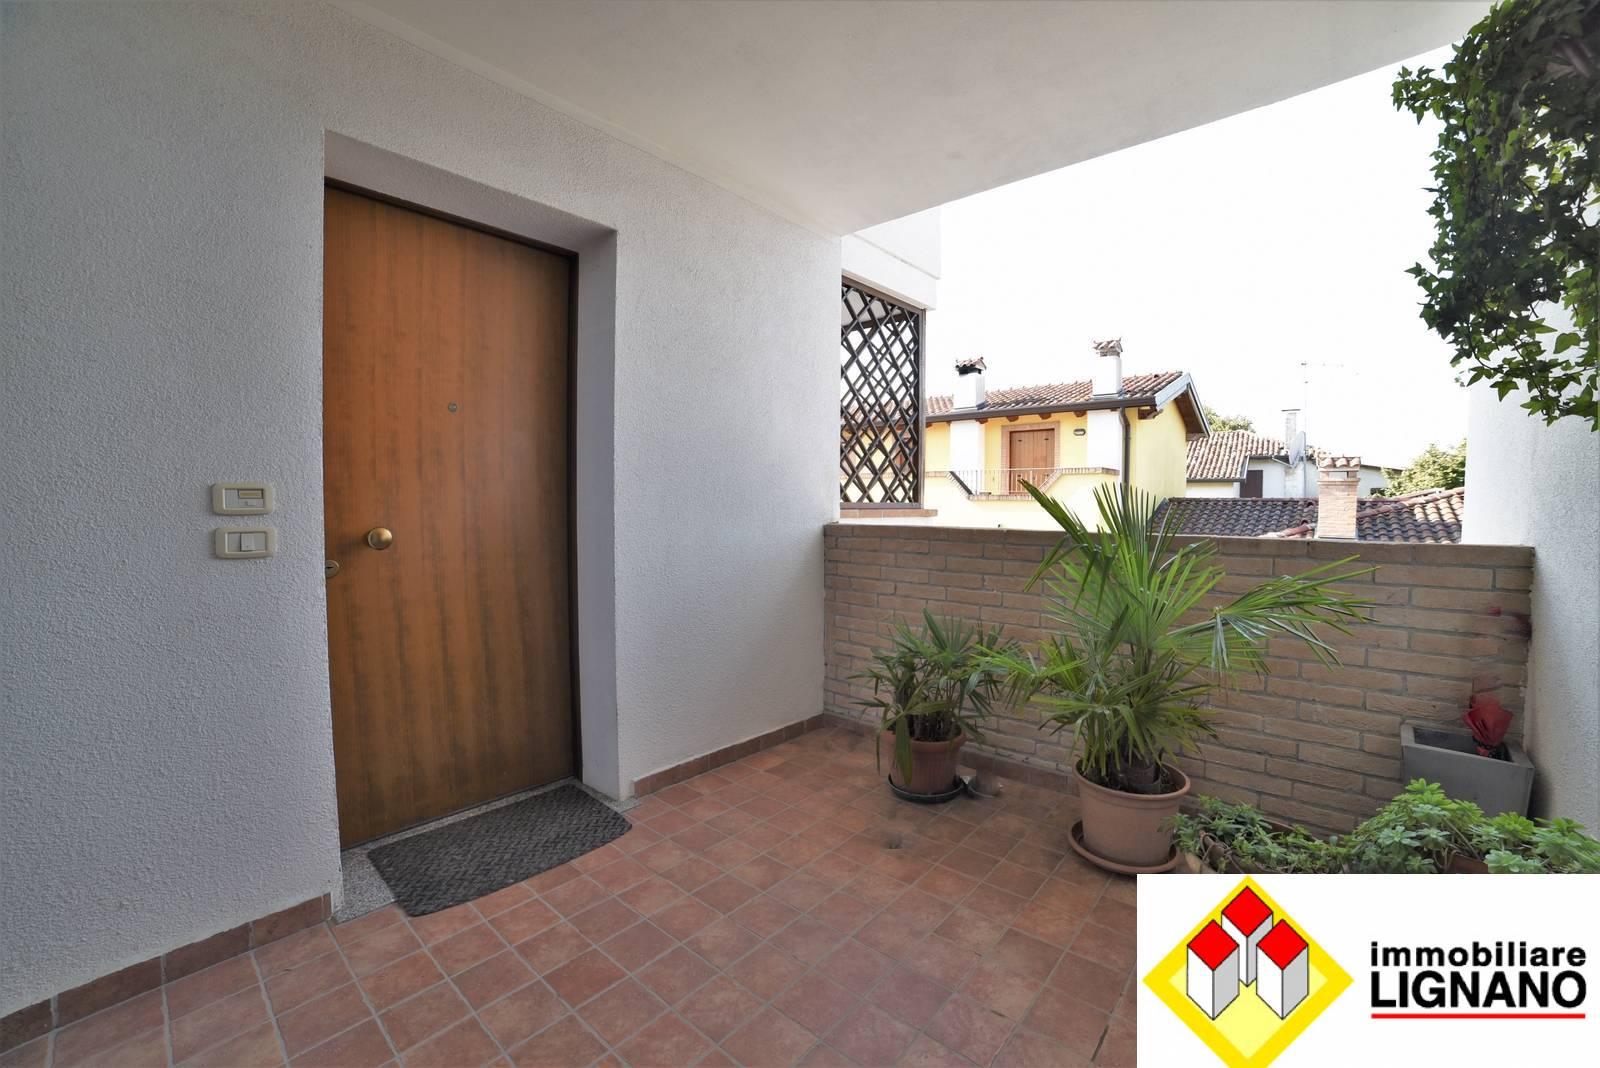 Appartamento in vendita a Latisana, 3 locali, zona o, prezzo € 107.000 | PortaleAgenzieImmobiliari.it